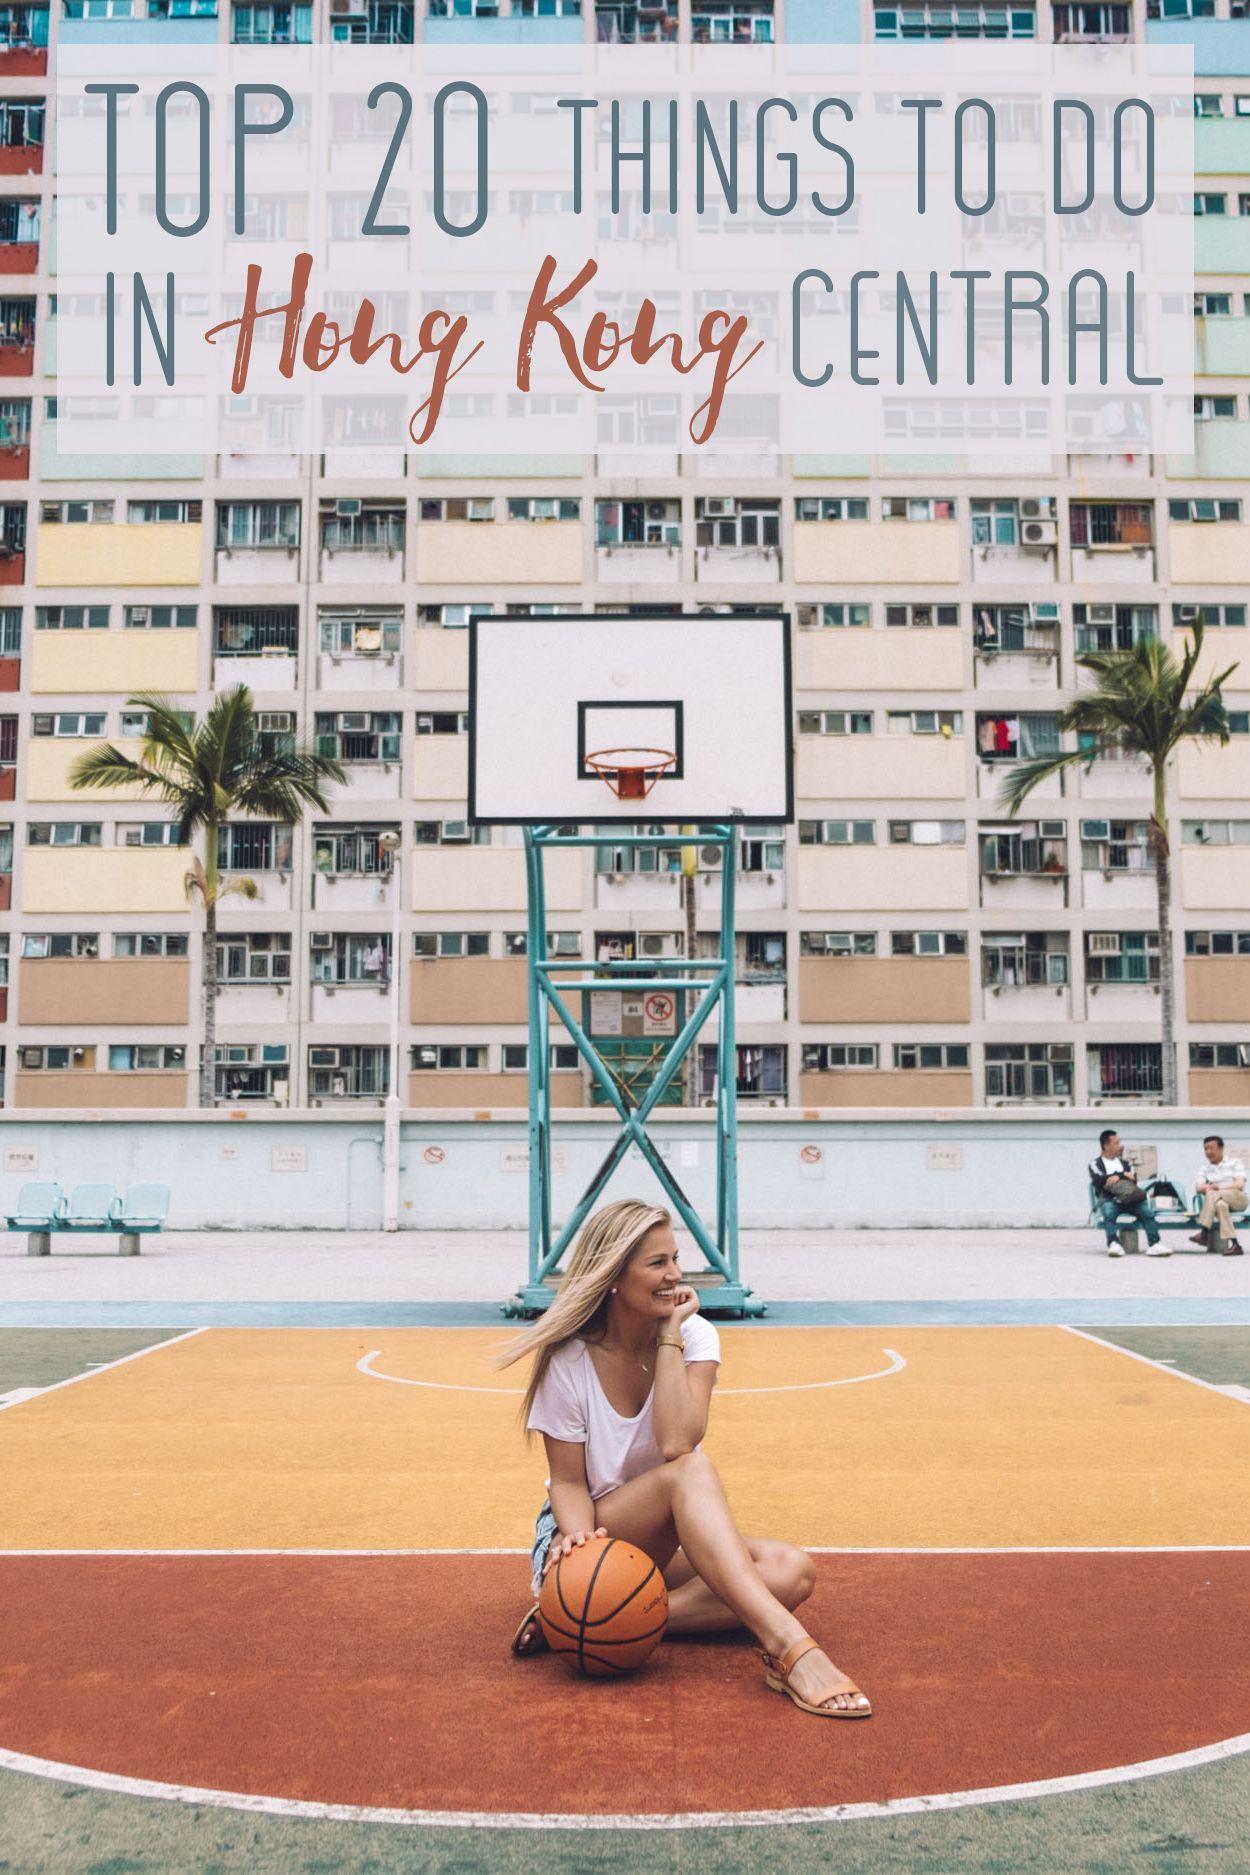 Top 20 Things to Do in Hong Kong